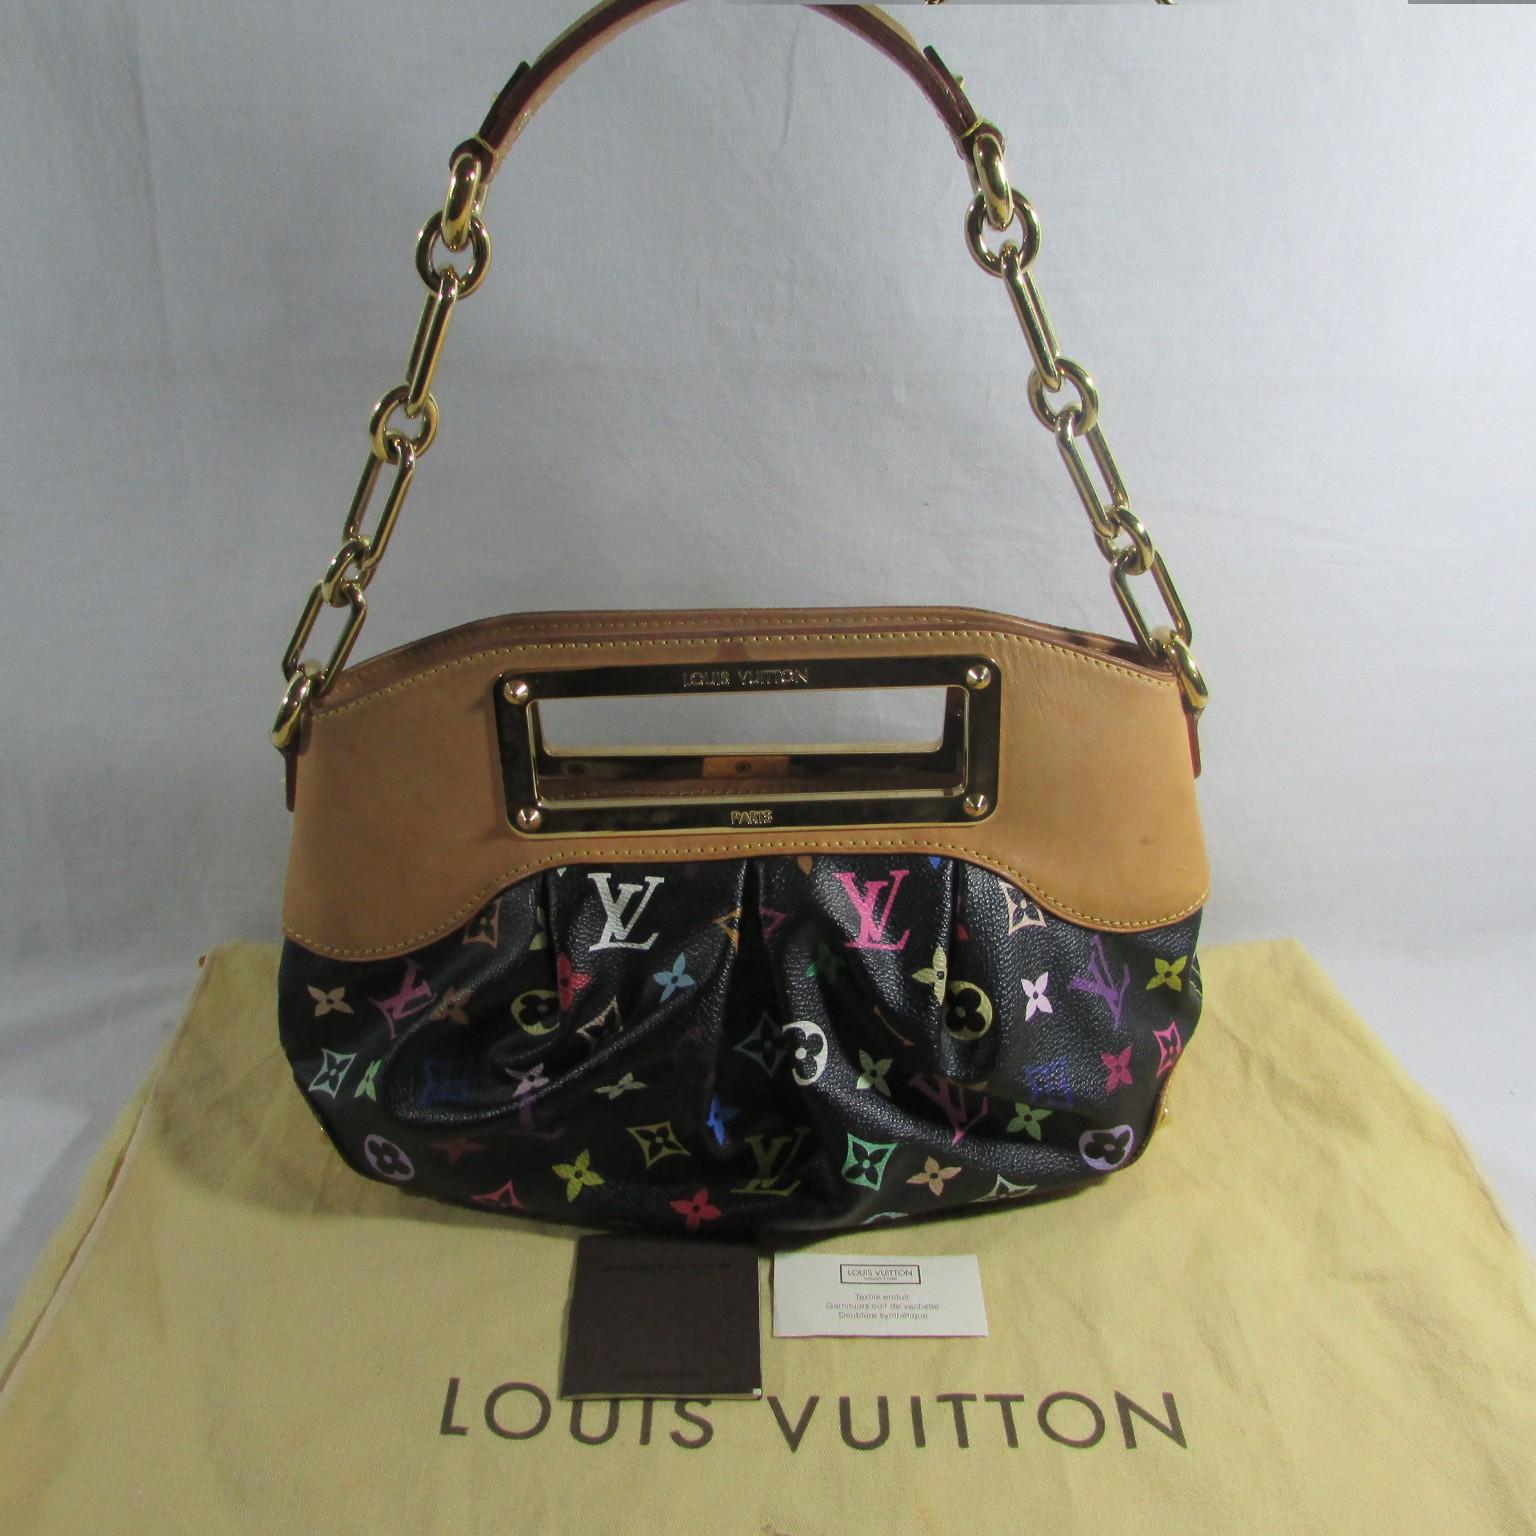 8d15db750c46 ... Louis Vuitton Black Monogram Multicolor Judy PM Bag lightbox moreview  ...